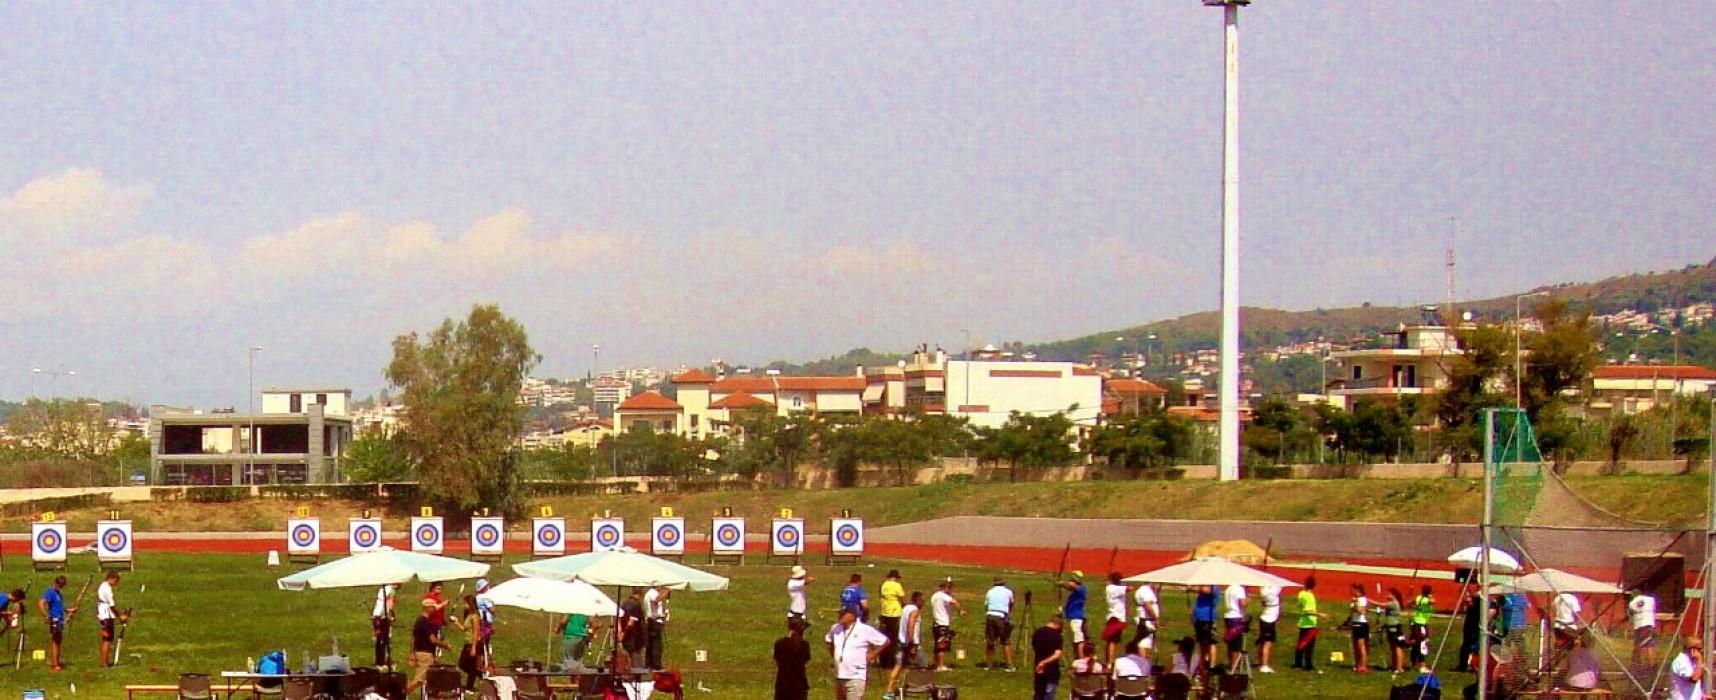 Αποτελέσματα αγώνα Α.Χ., ΠΑΤΡΑ, Κυριακή 24 Σεπτεμβρίου 2017